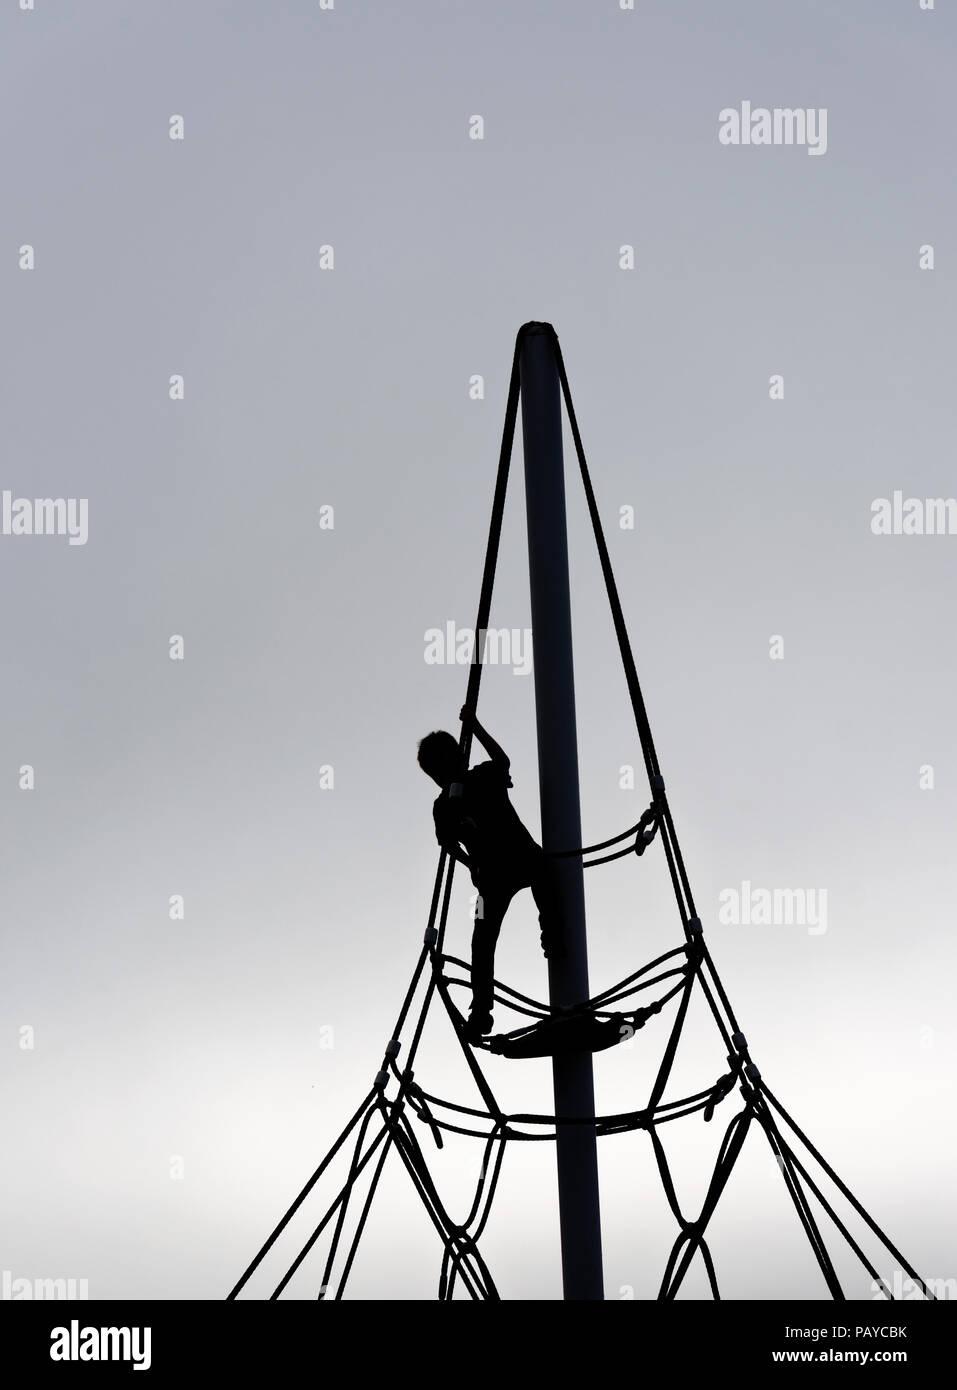 Die Silhouette eines kleinen Jungen (6 Jahre alt) auf einem Seil ...